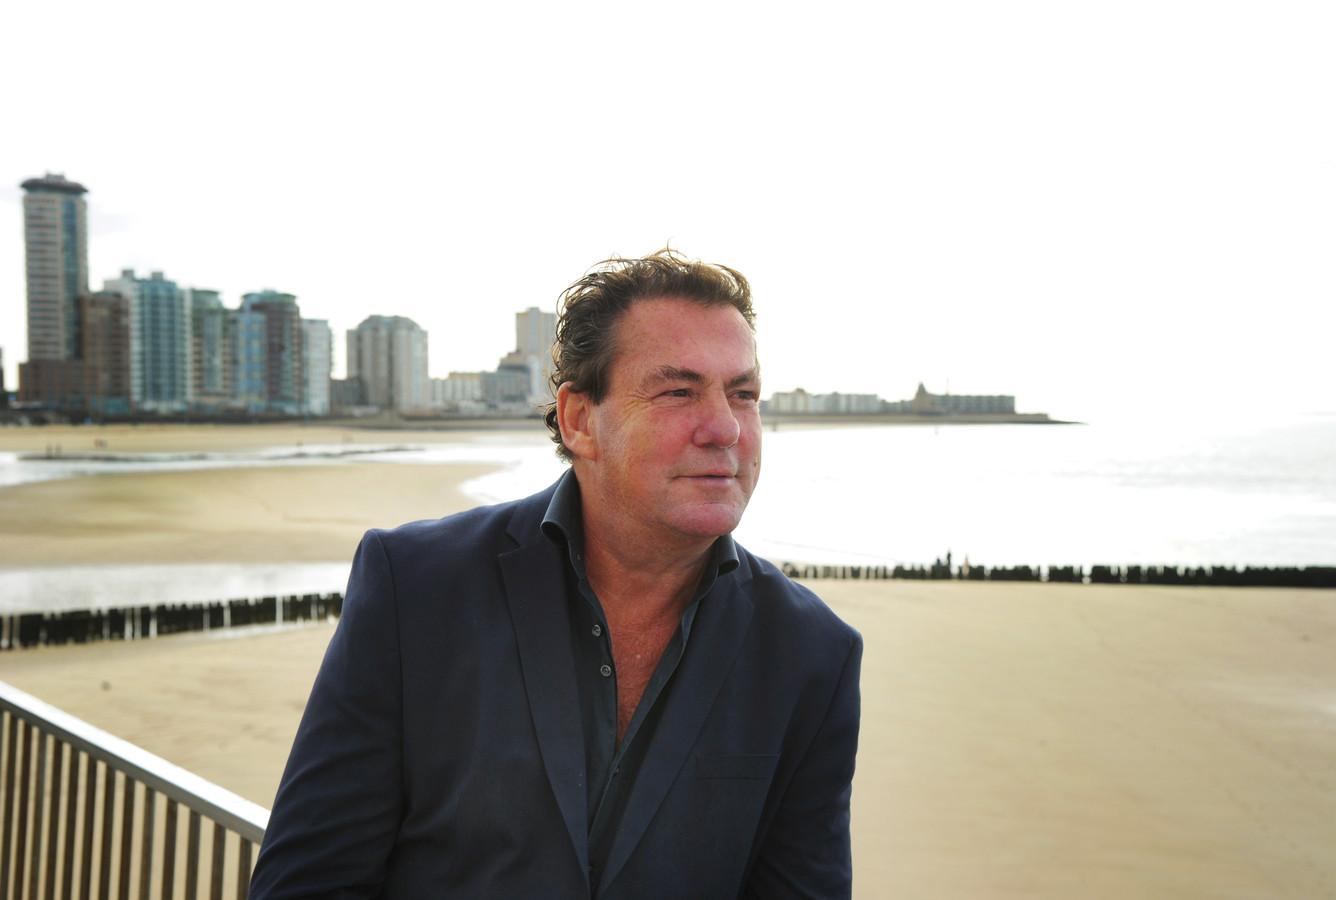 Leo Hannewijk